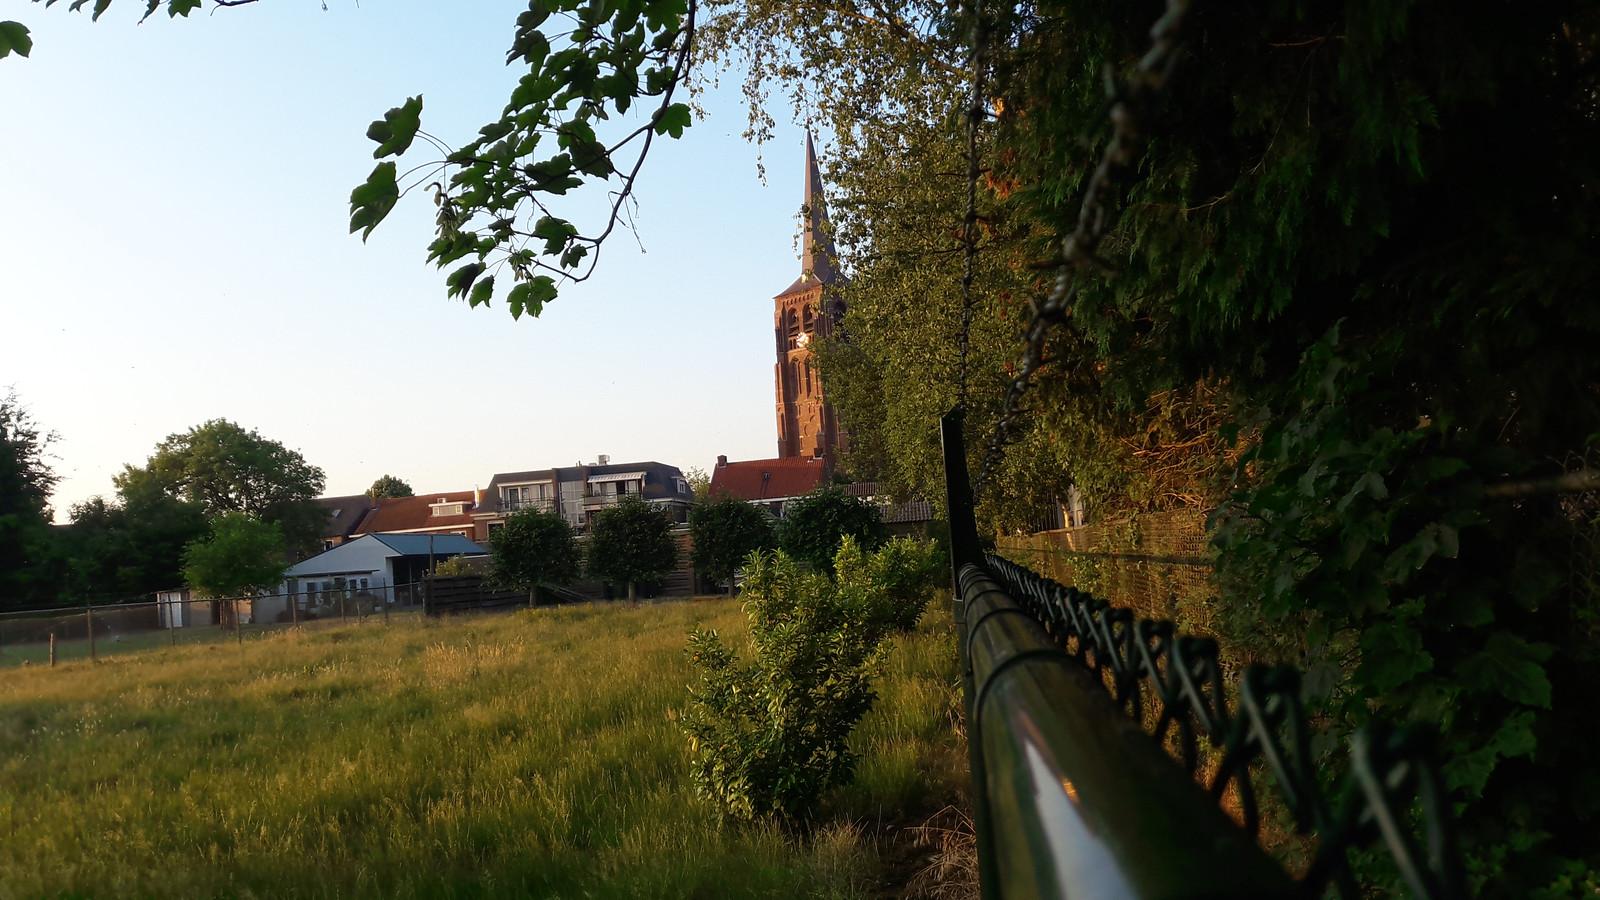 Het Torenpad, met monumentale status doorsnijdt, het oude centrumplan van Moergestel. Links liggen de percelen van de families Ketelaars en Van Hulten.